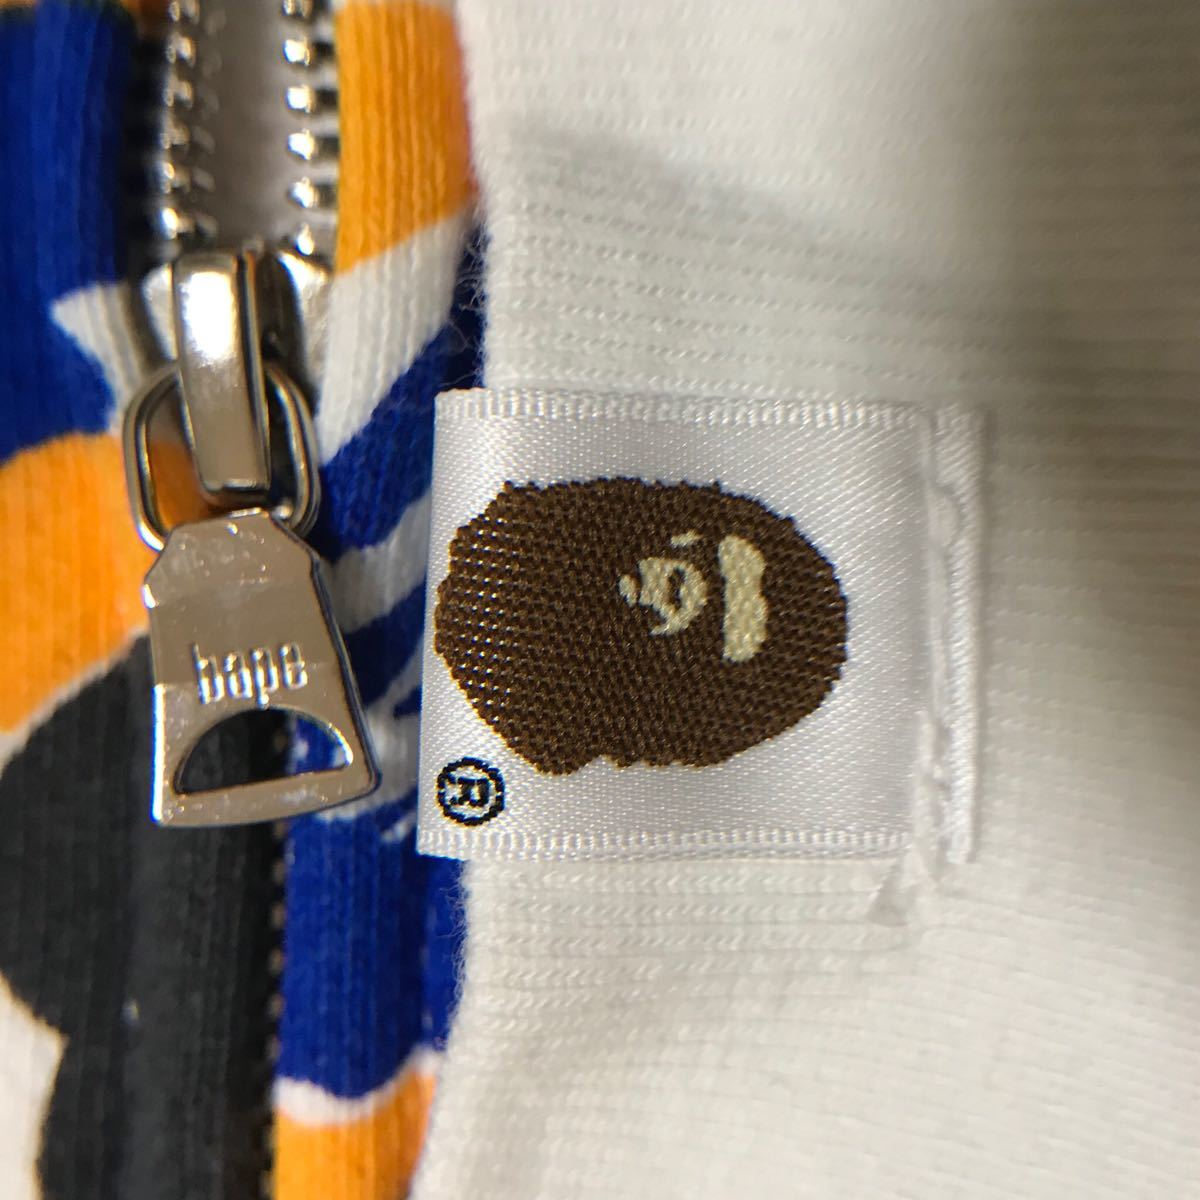 ★前橋限定★ maebashi store limited color camo シャーク パーカー shark full zip hoodie a bathing ape BAPE city ベイプ 都市限定